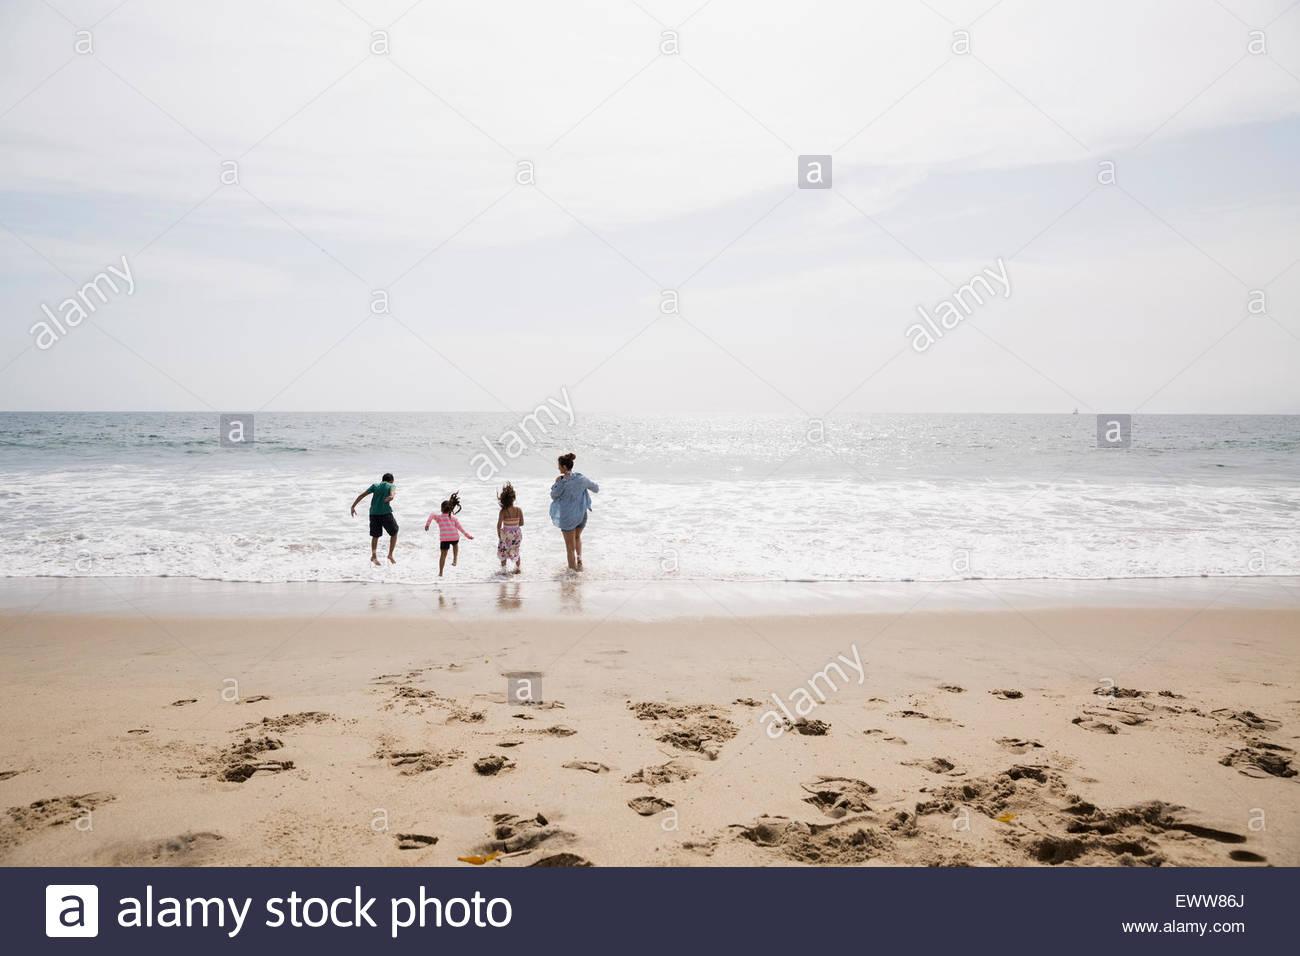 Familia jugando y vadeando en ocean sunny beach Imagen De Stock